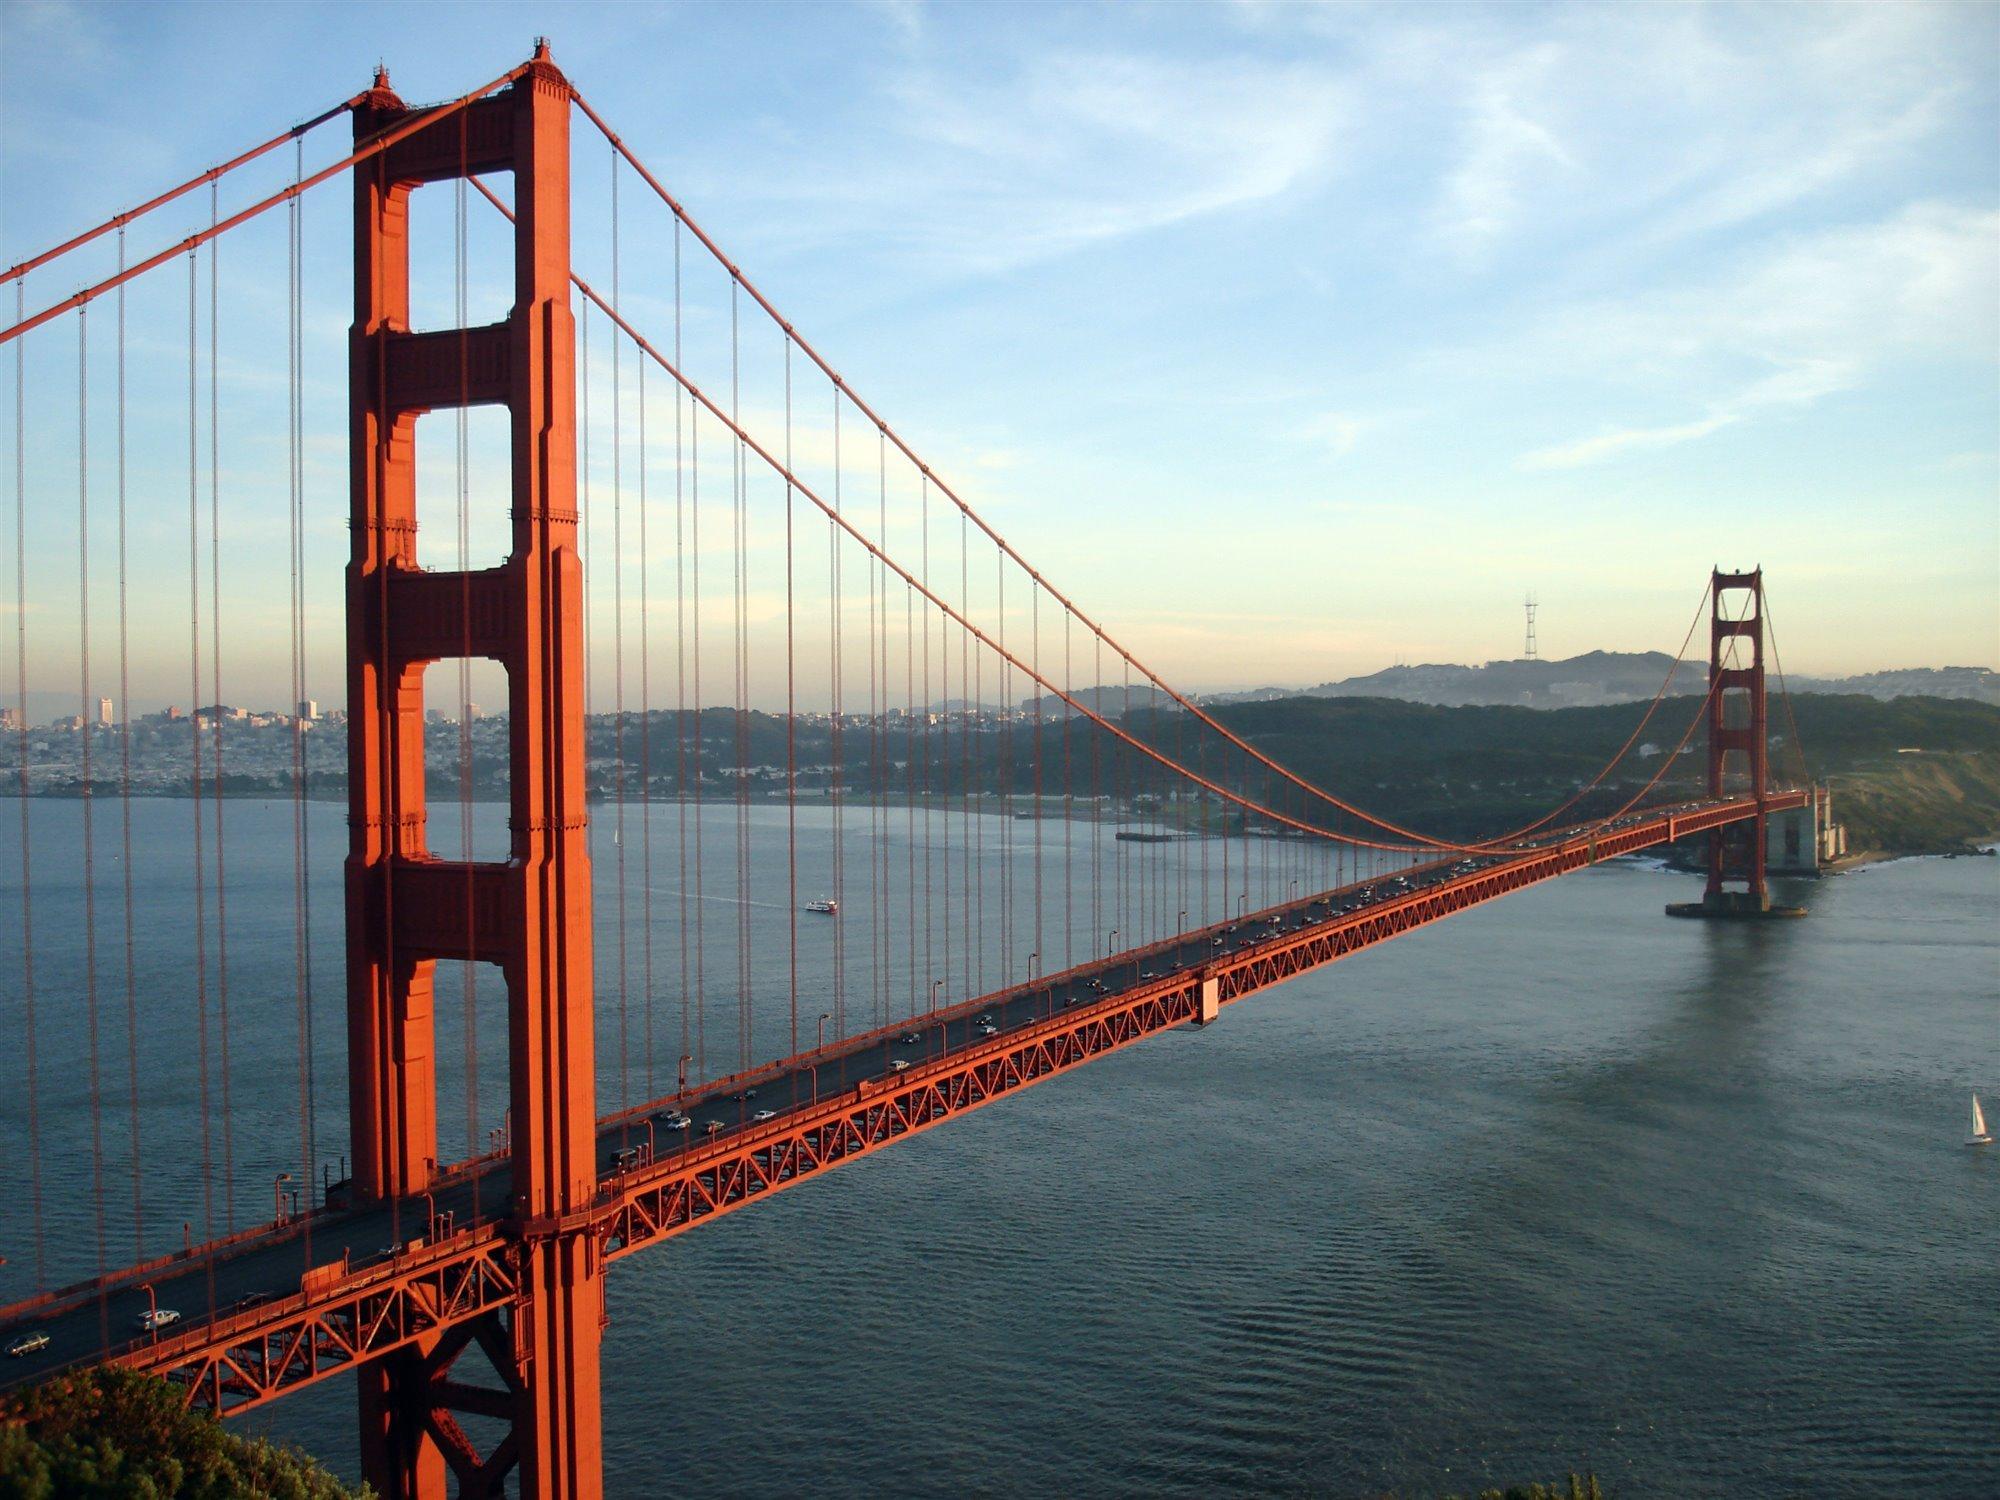 1937 The Golden Gate Bridge